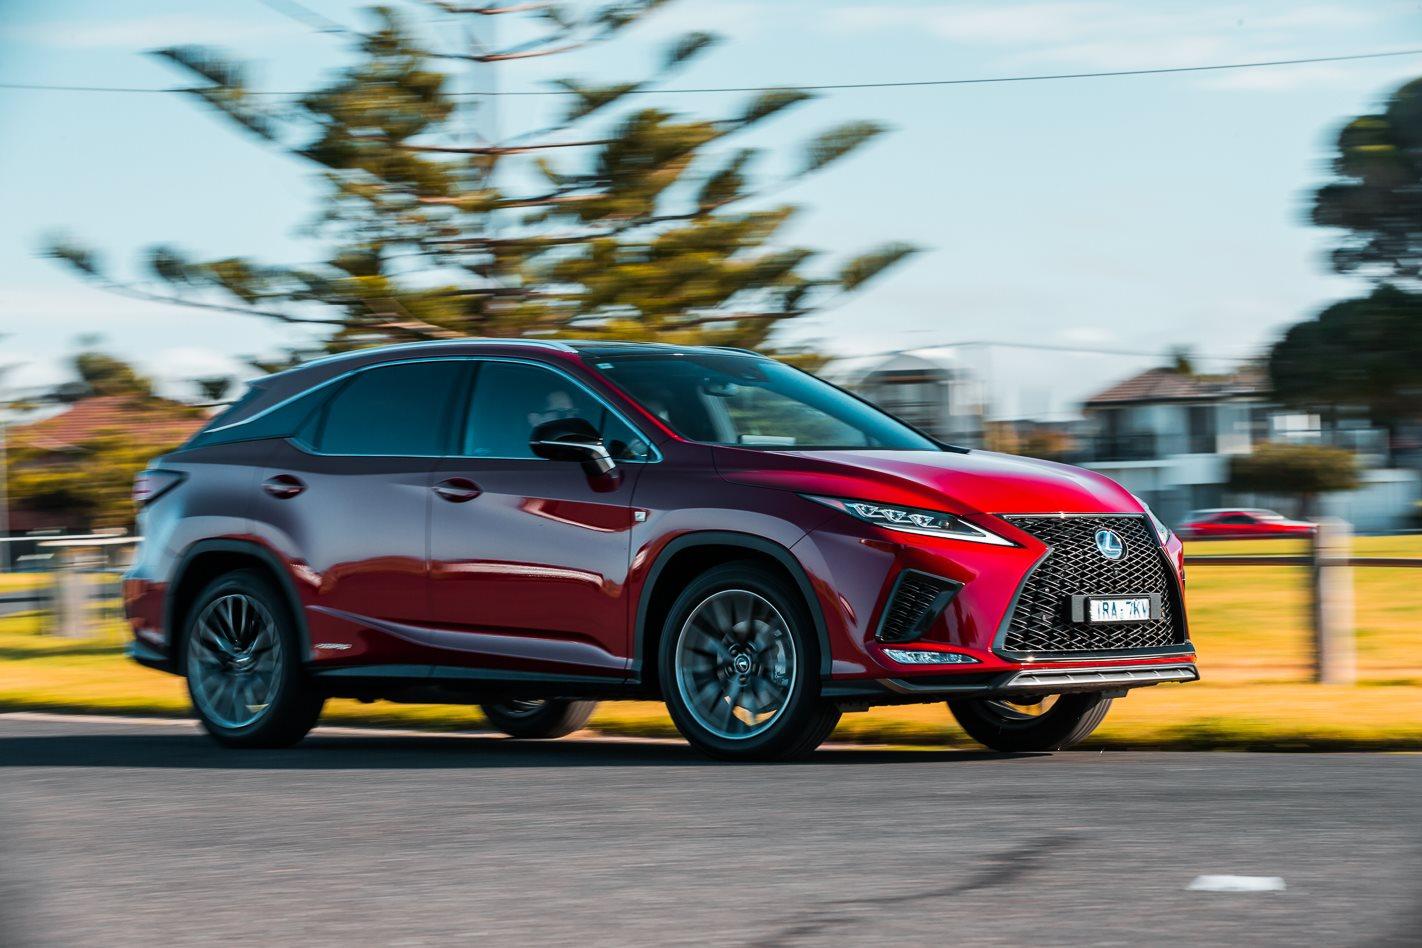 2020 Lexus RX 450h long-term review